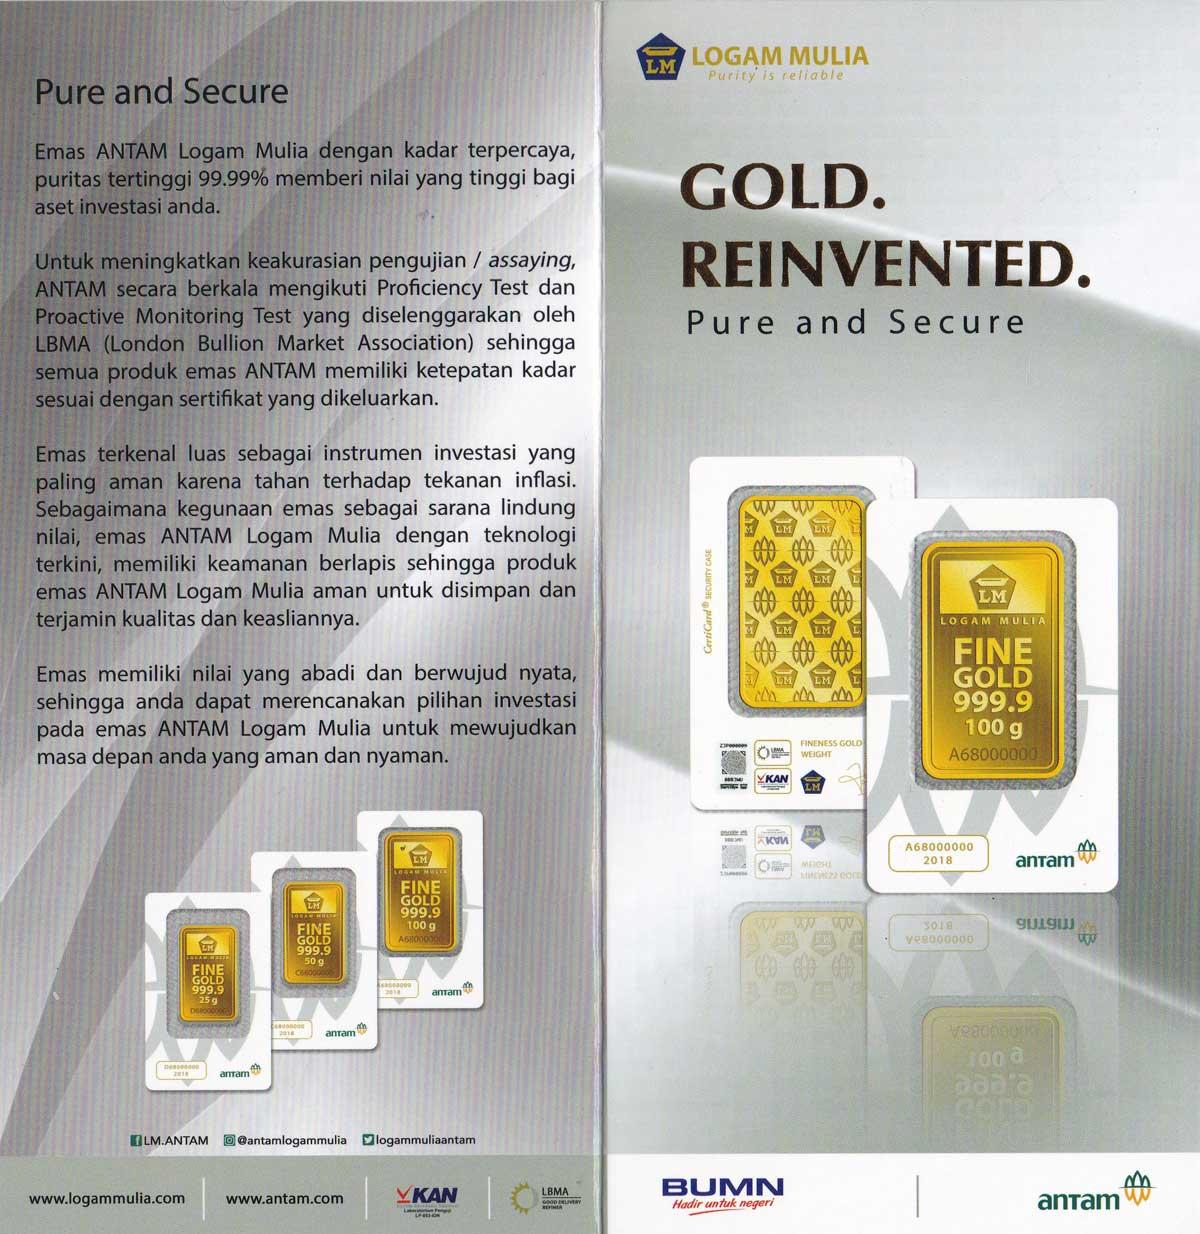 Cara Mengetahui Keaslian Emas Antam Reinvented Yang Baru Indogold